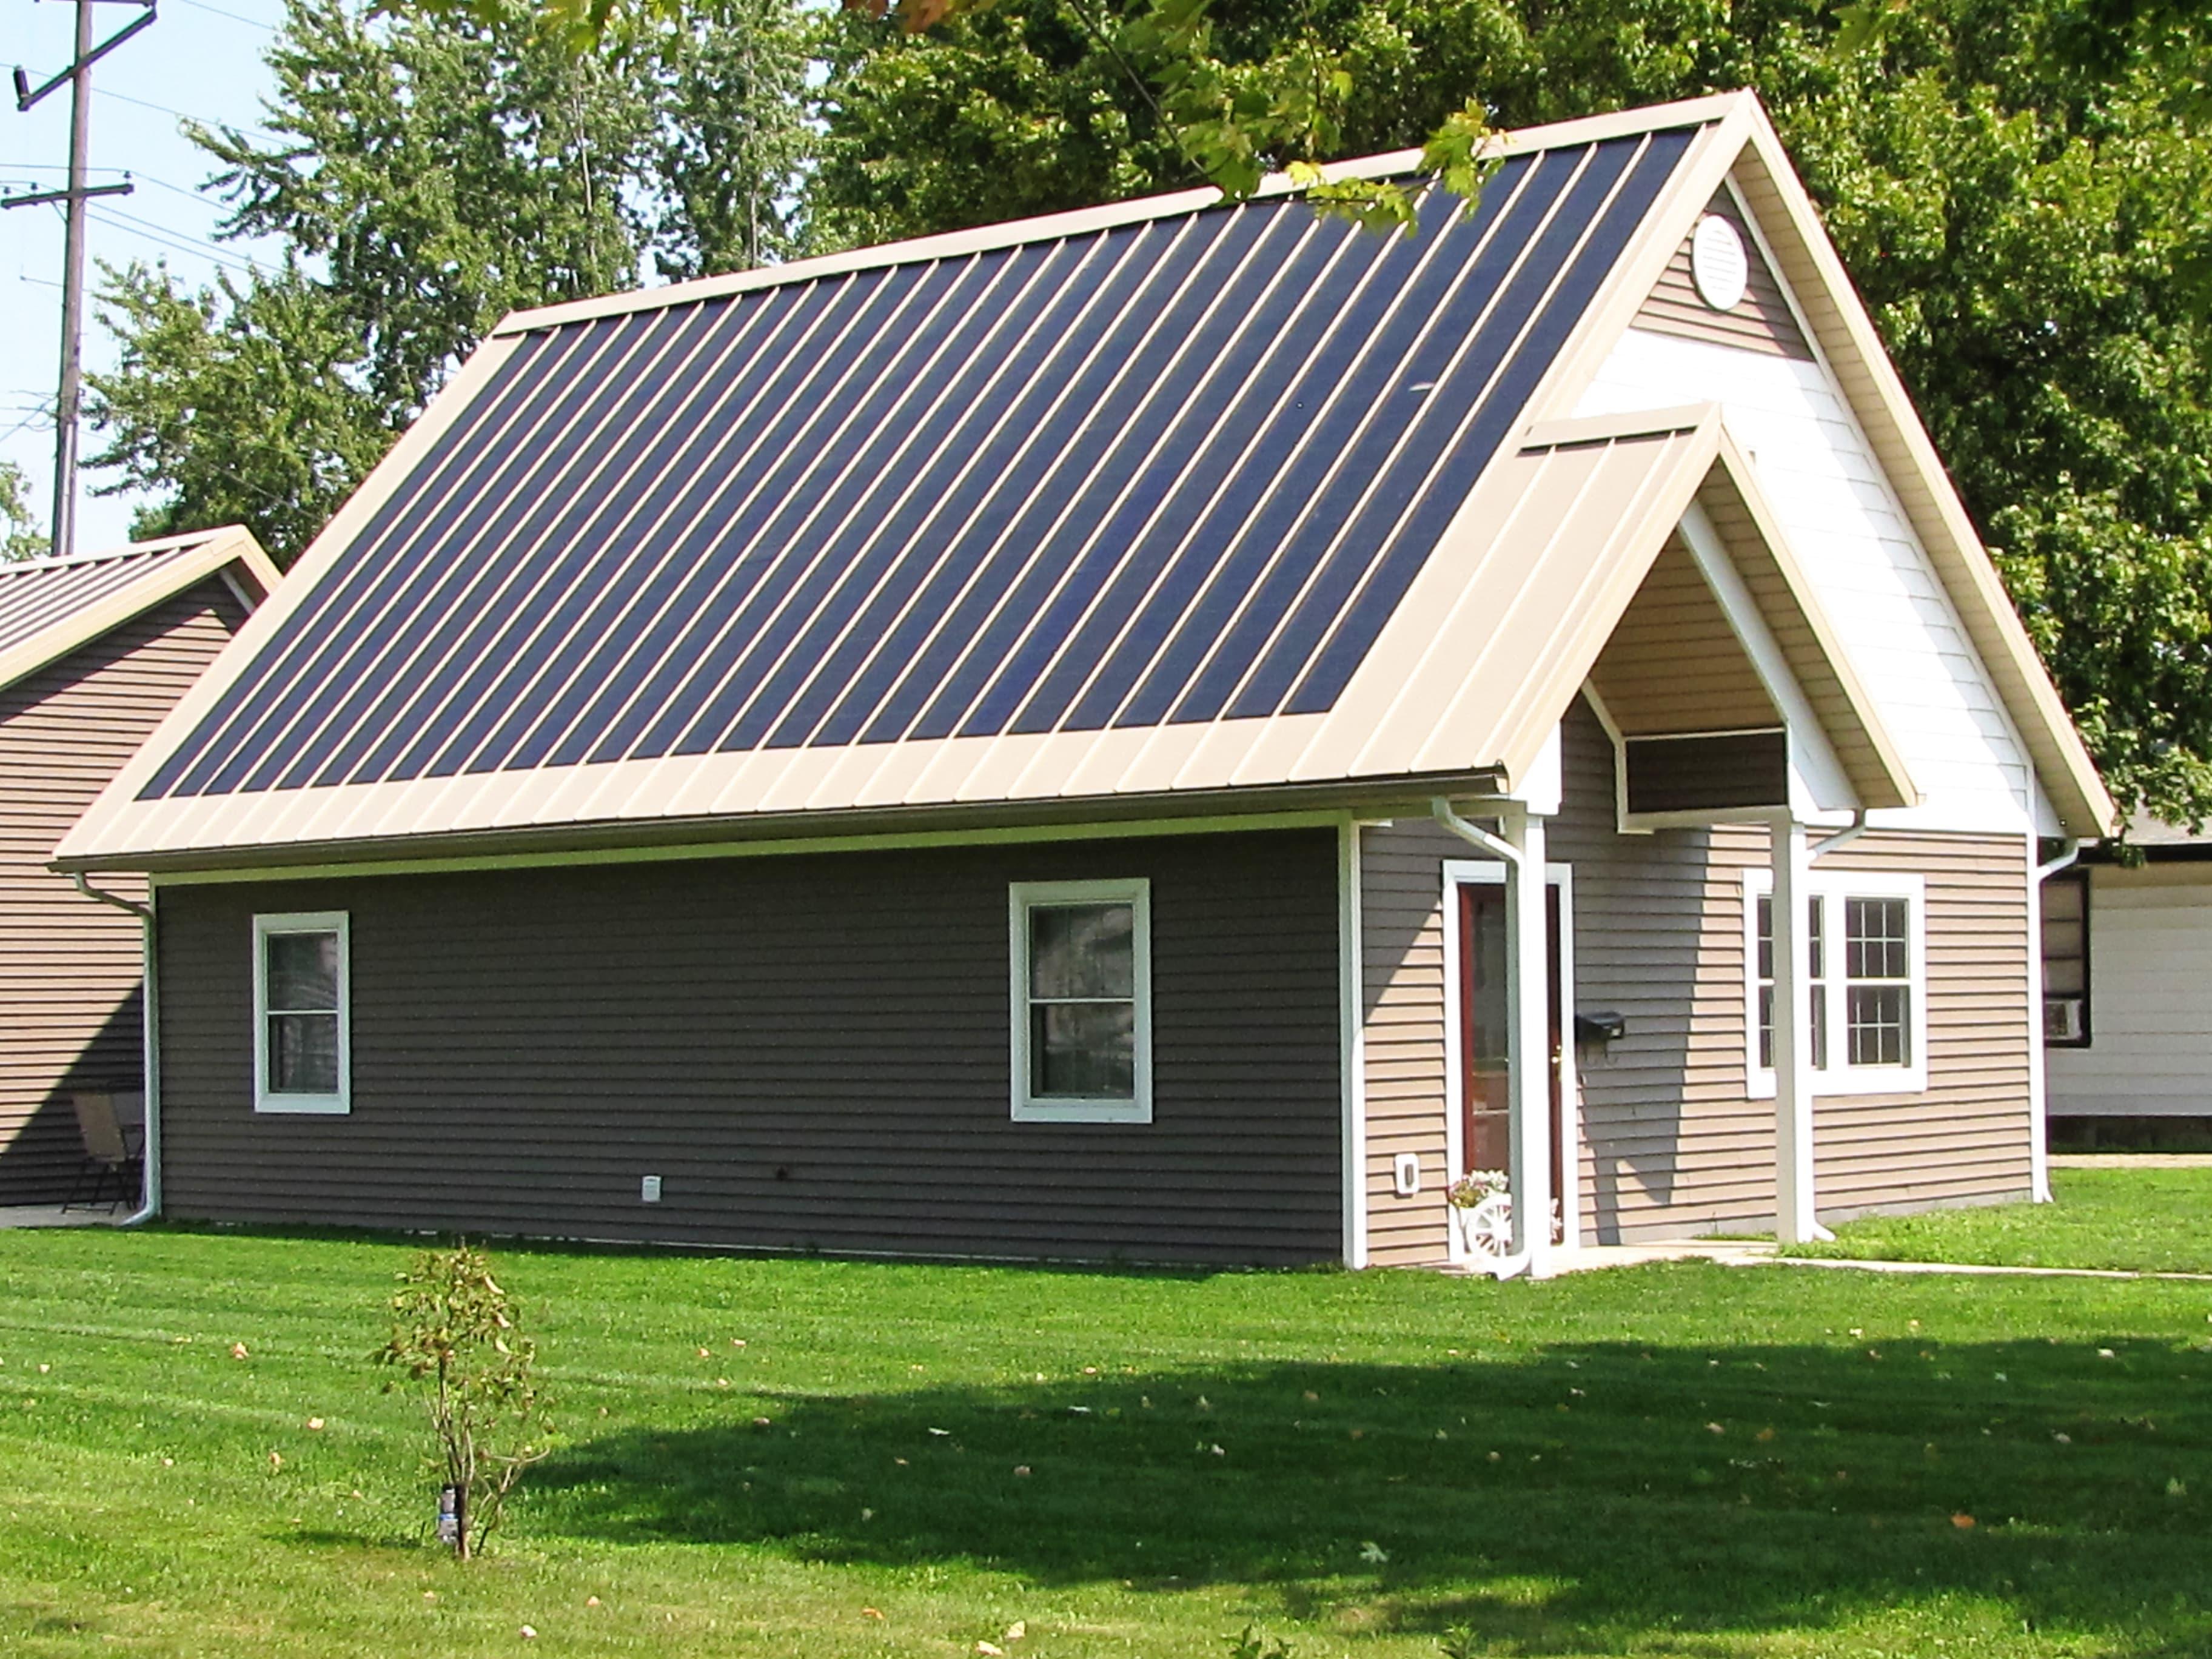 zero-energy-home-solar-panels